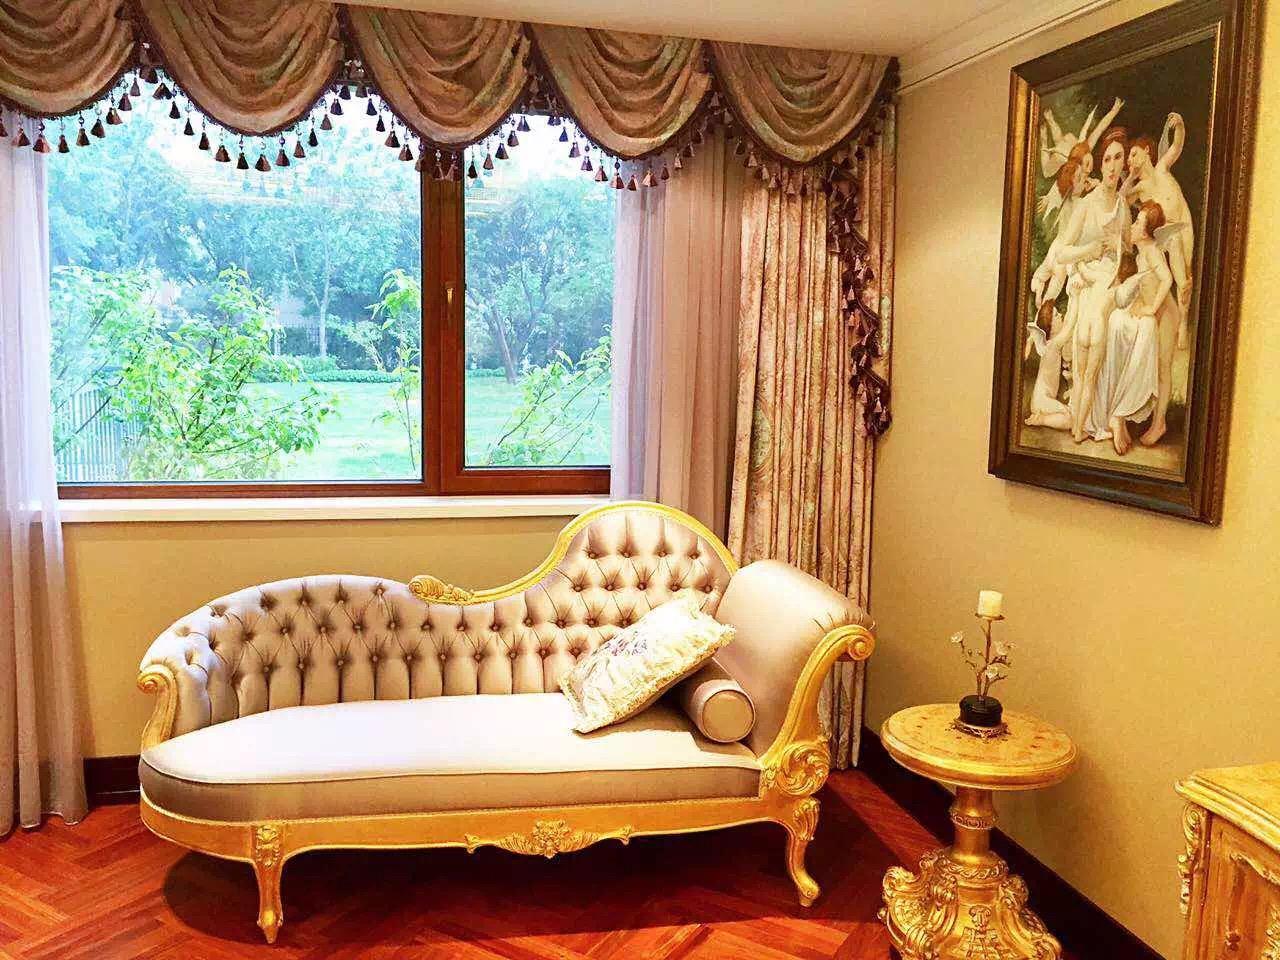 法式 原创国际 别墅设计 品质墅装 全案 卧室图片来自原创国际别墅装饰在公园1872的分享